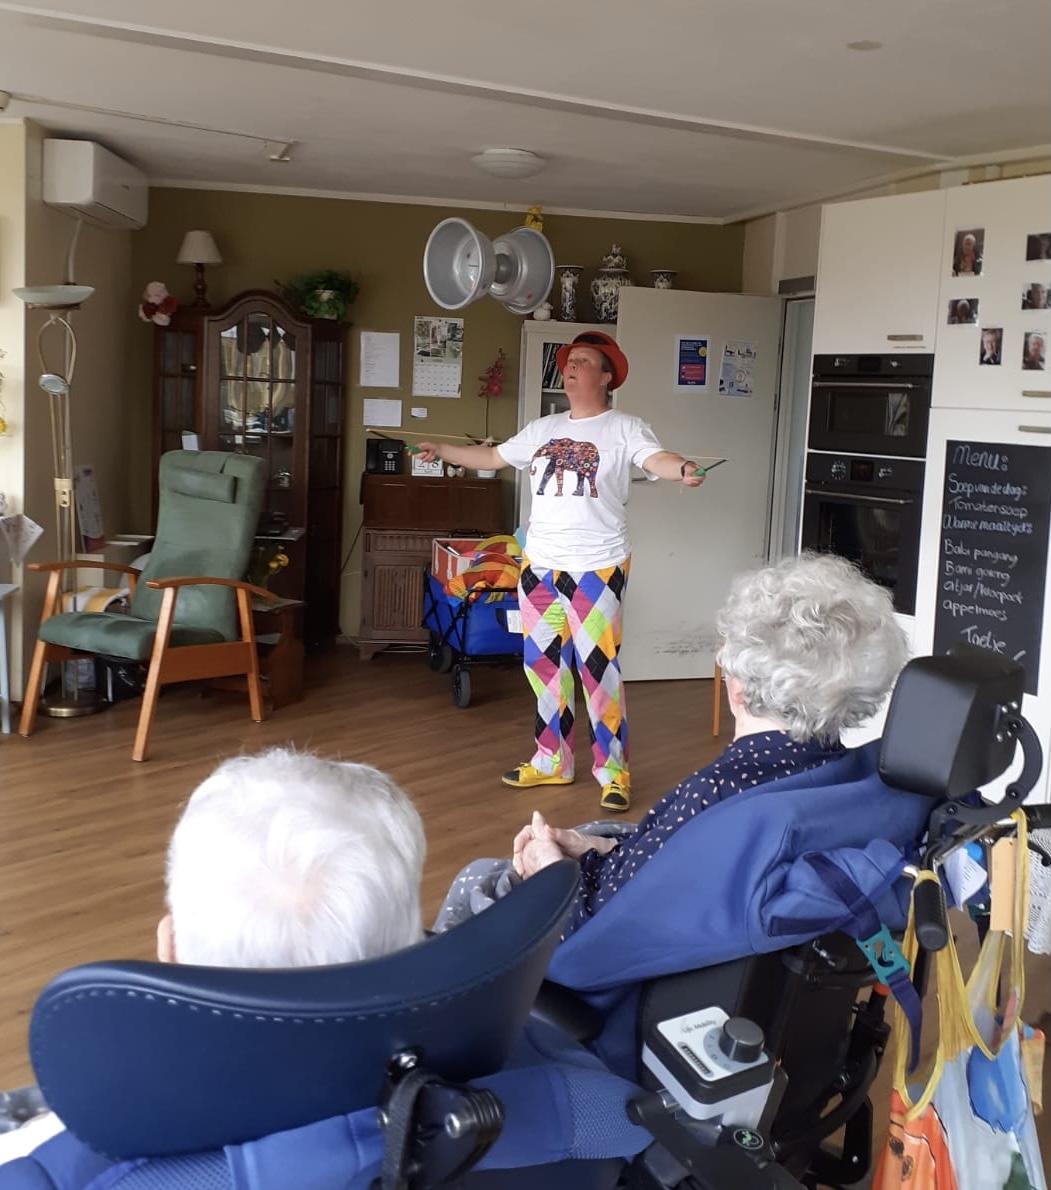 Jongleur Kiko leuke, interactieve en verassende corona-proof jongleershow voor ouderen in verpleeghuizen hier jonglerend met een hele grote diabolo